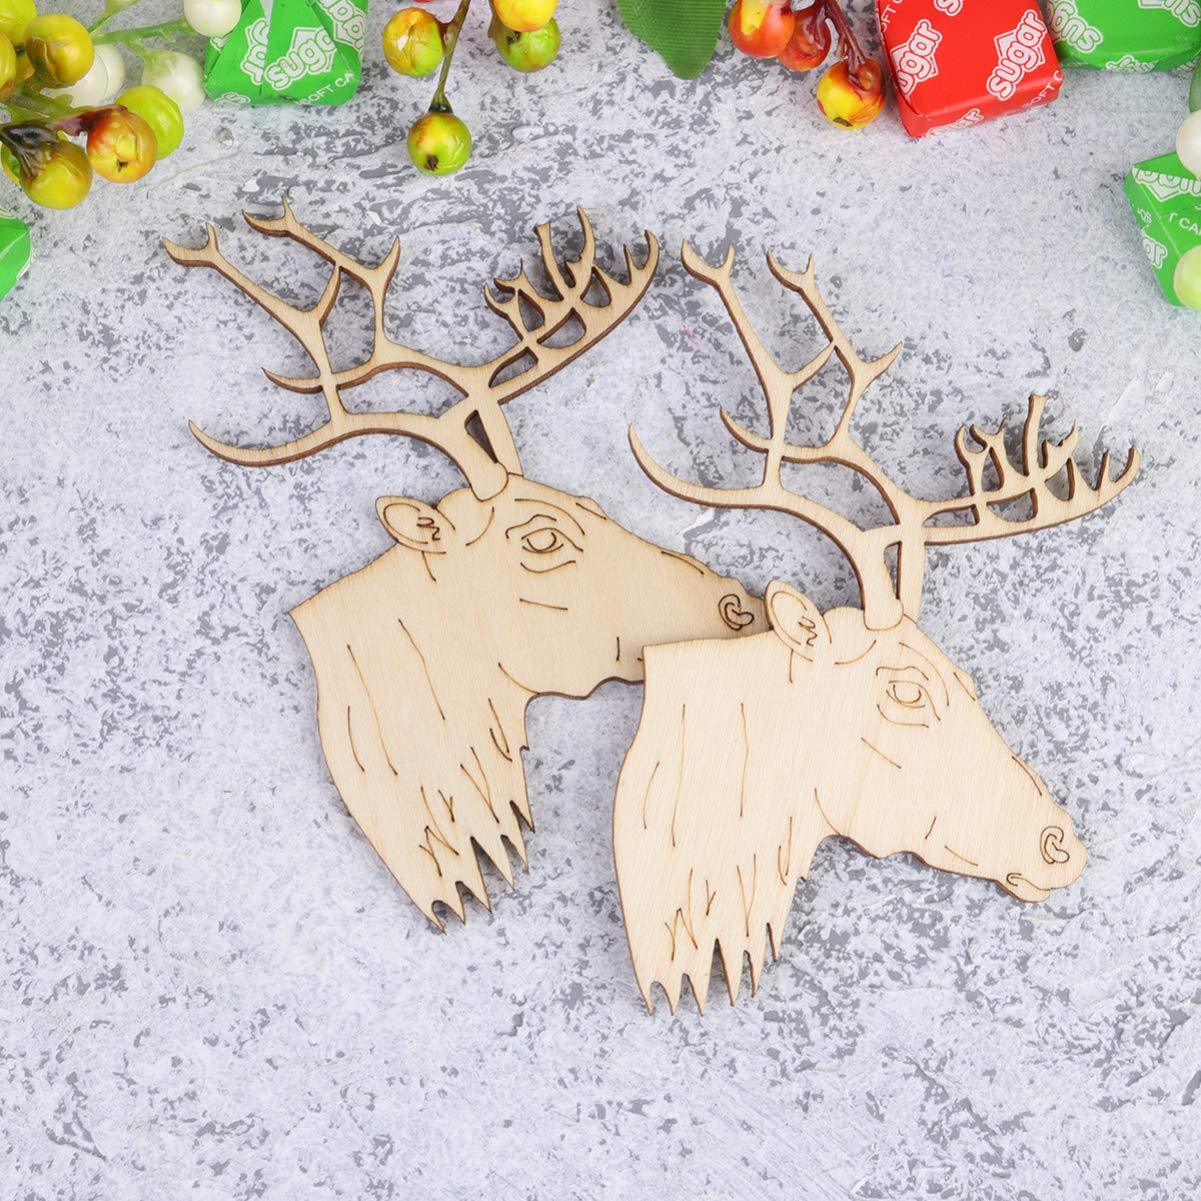 Amosfun 20 Piezas de Navidad sin terminar Cabeza de Reno Colgante de Madera Colgante DIY Etiqueta de Madera Pintada decoraci/ón de /árbol de Navidad Estilo a